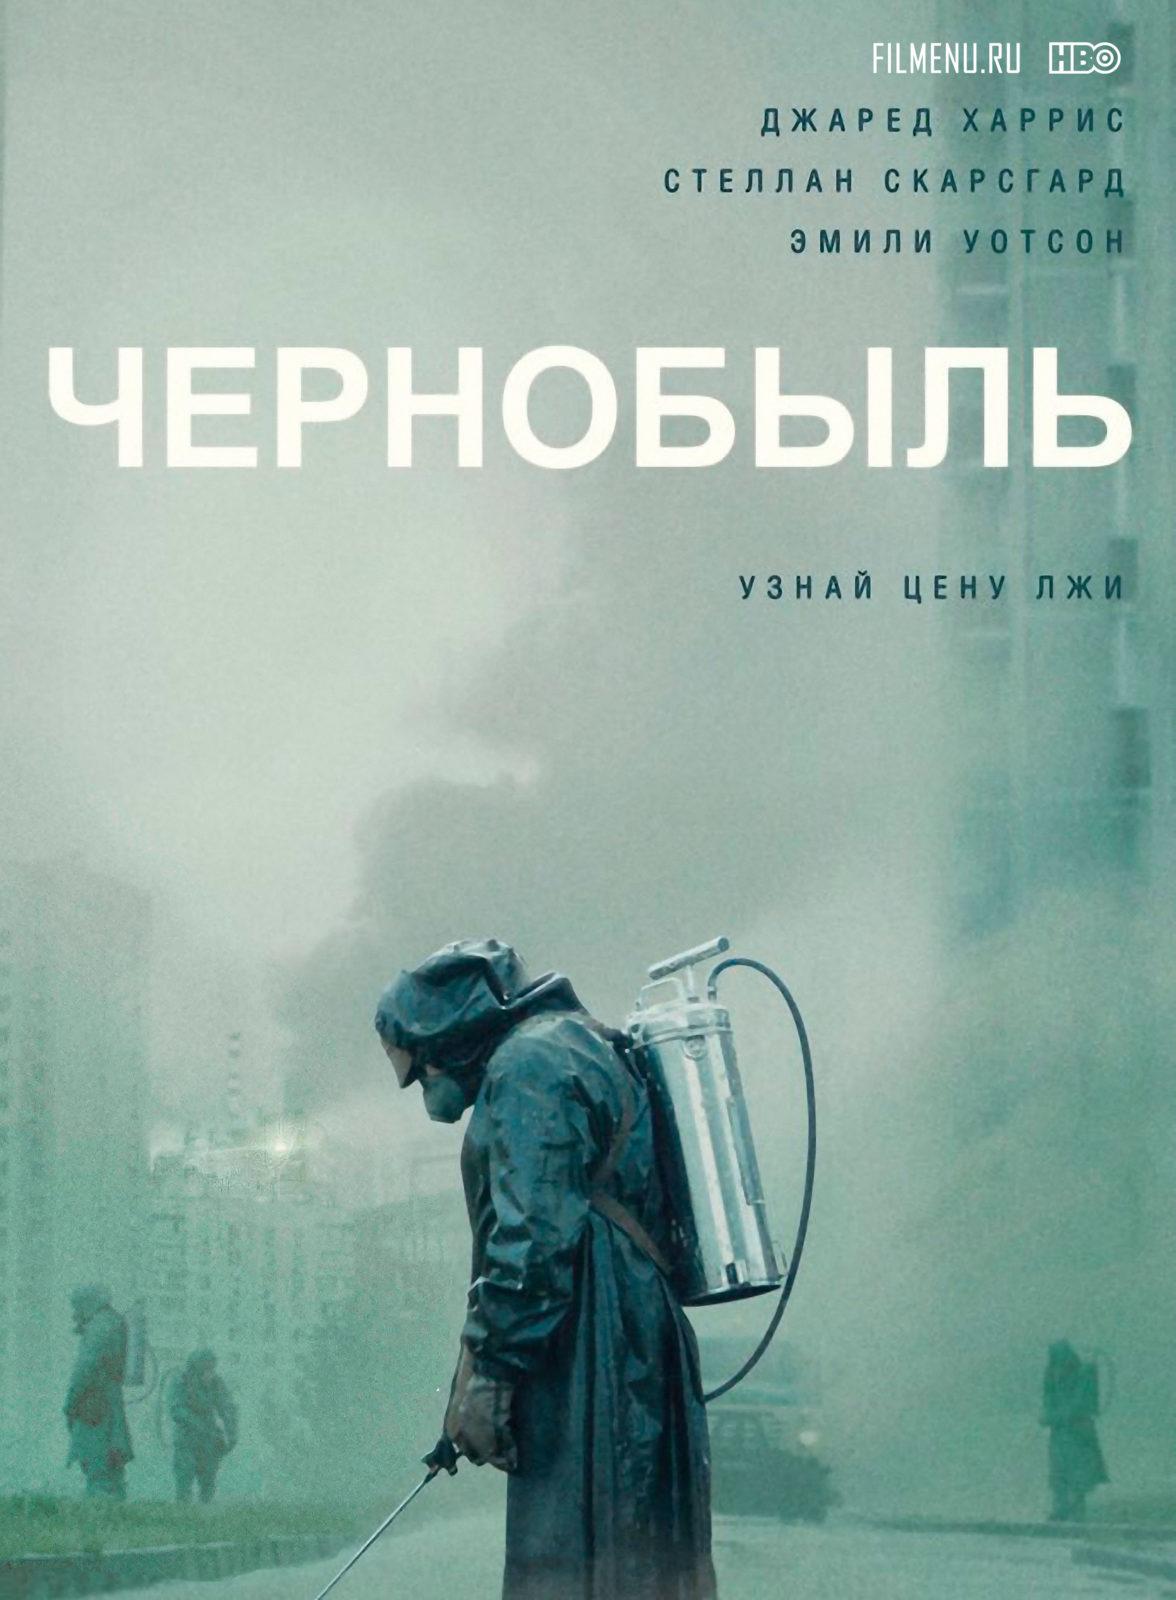 Постер к фильму, мини-сериалу Чернобыль 2019